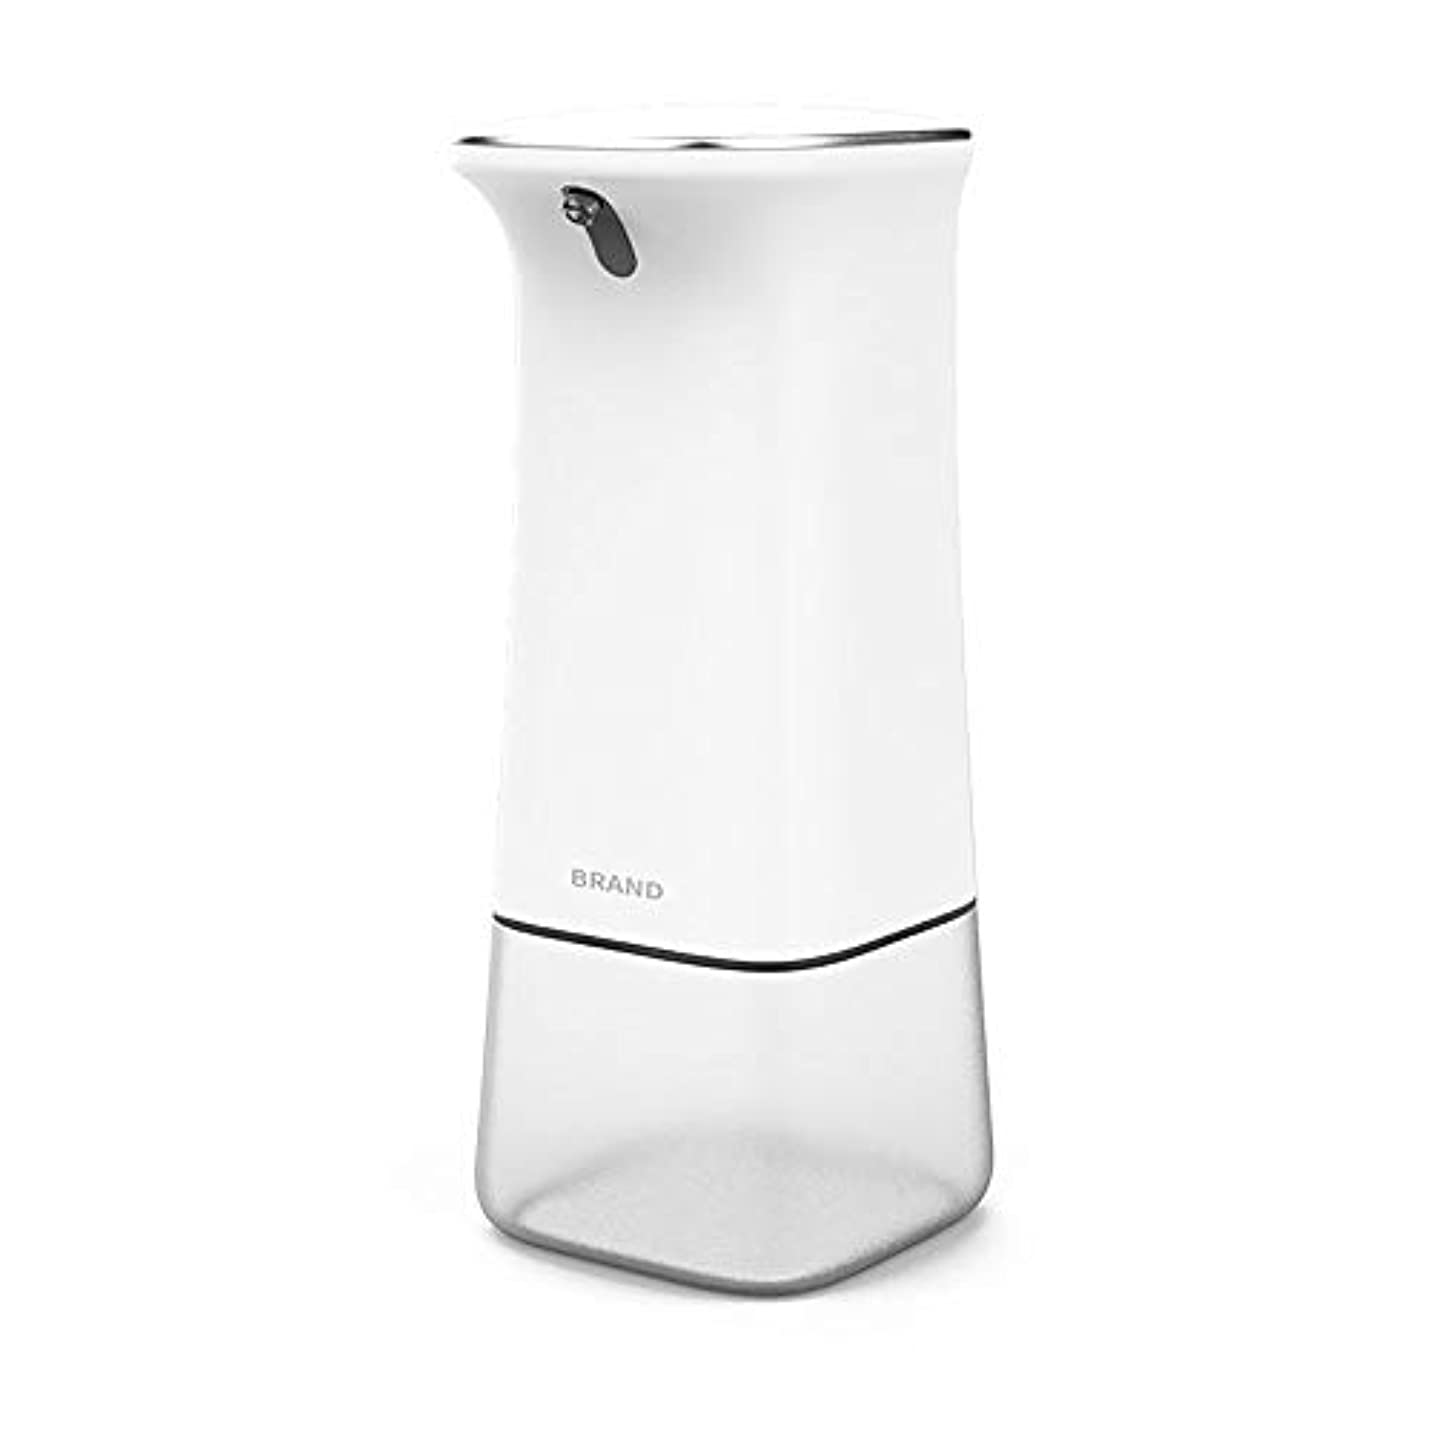 常習者焦げシロクマ浴室の石鹸ディスペンサー、石鹸ディスペンサーの自動ステンレス鋼のタッチレスモーションセンサーRの赤外線モーションセンサーの台所およびシャワーのための手の自由な皿の石鹸